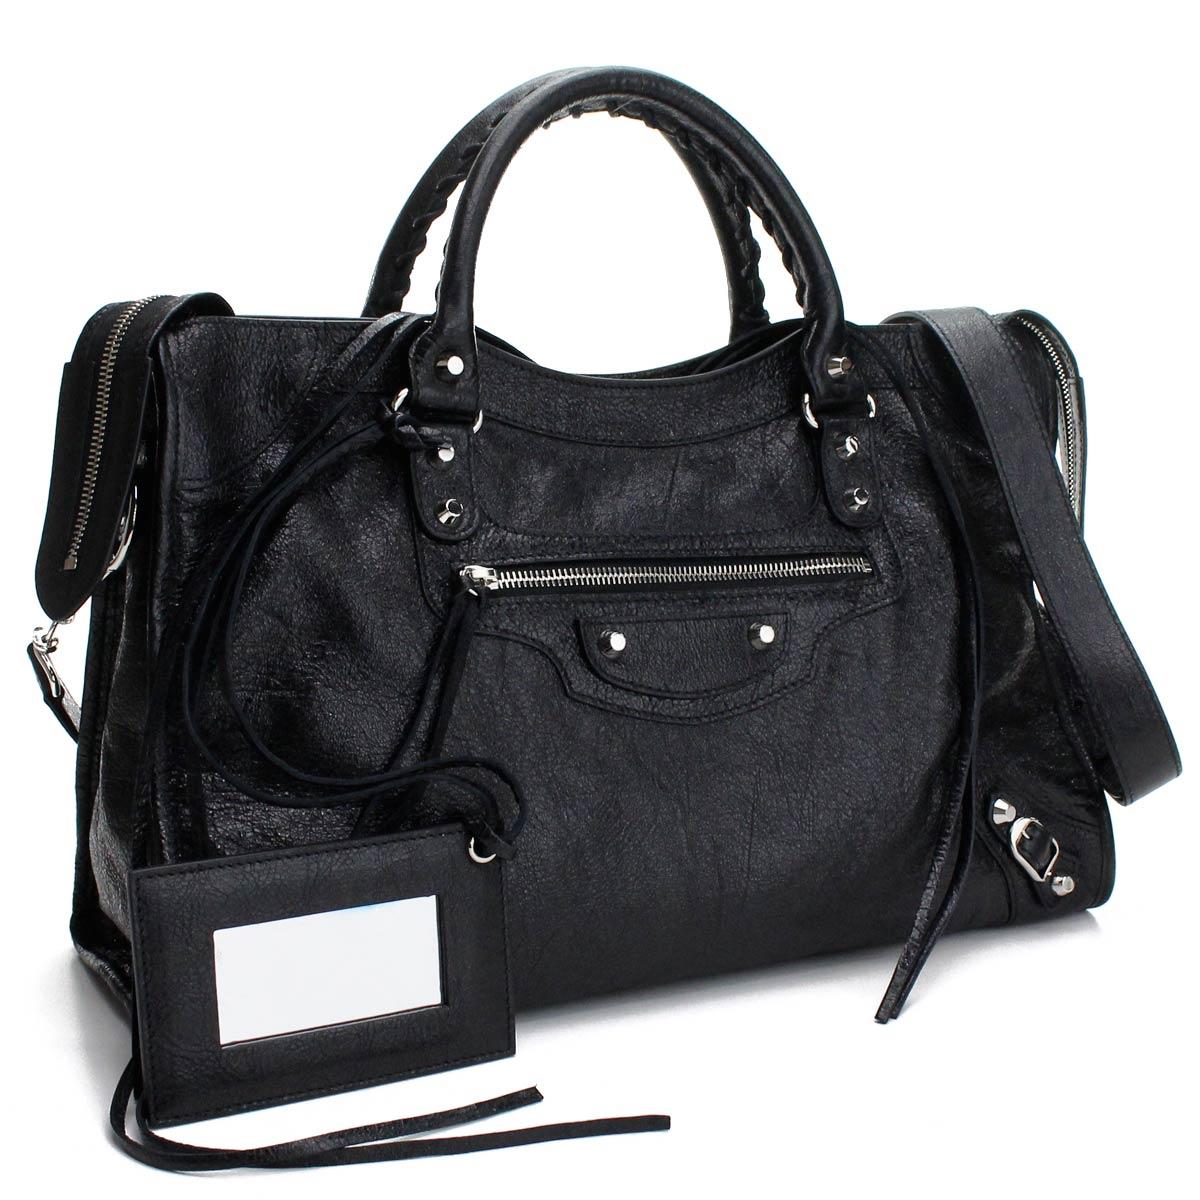 レディースバッグ, ハンドバッグ  BALENCIAGA CLASSIC CITY 2way 505550 D94JN 1000 ladies bag brand